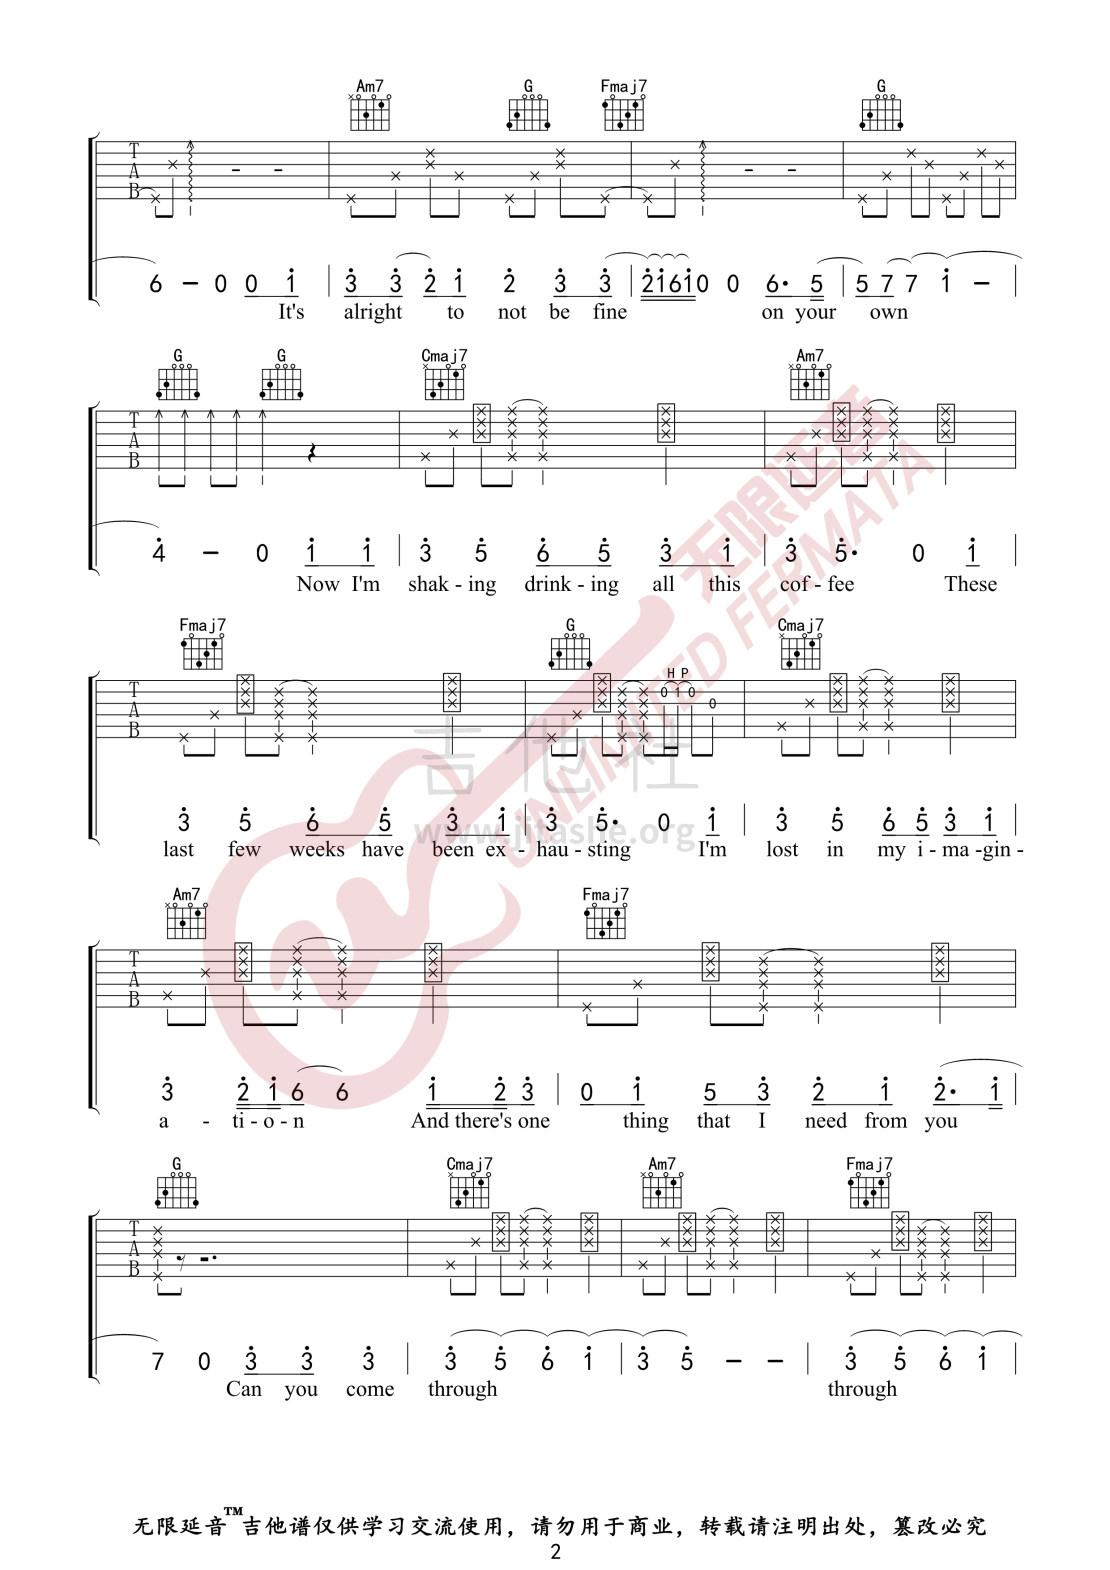 Comethru(无限延音编配)吉他谱(图片谱)_Jeremy Zucker_Comethru02.jpg